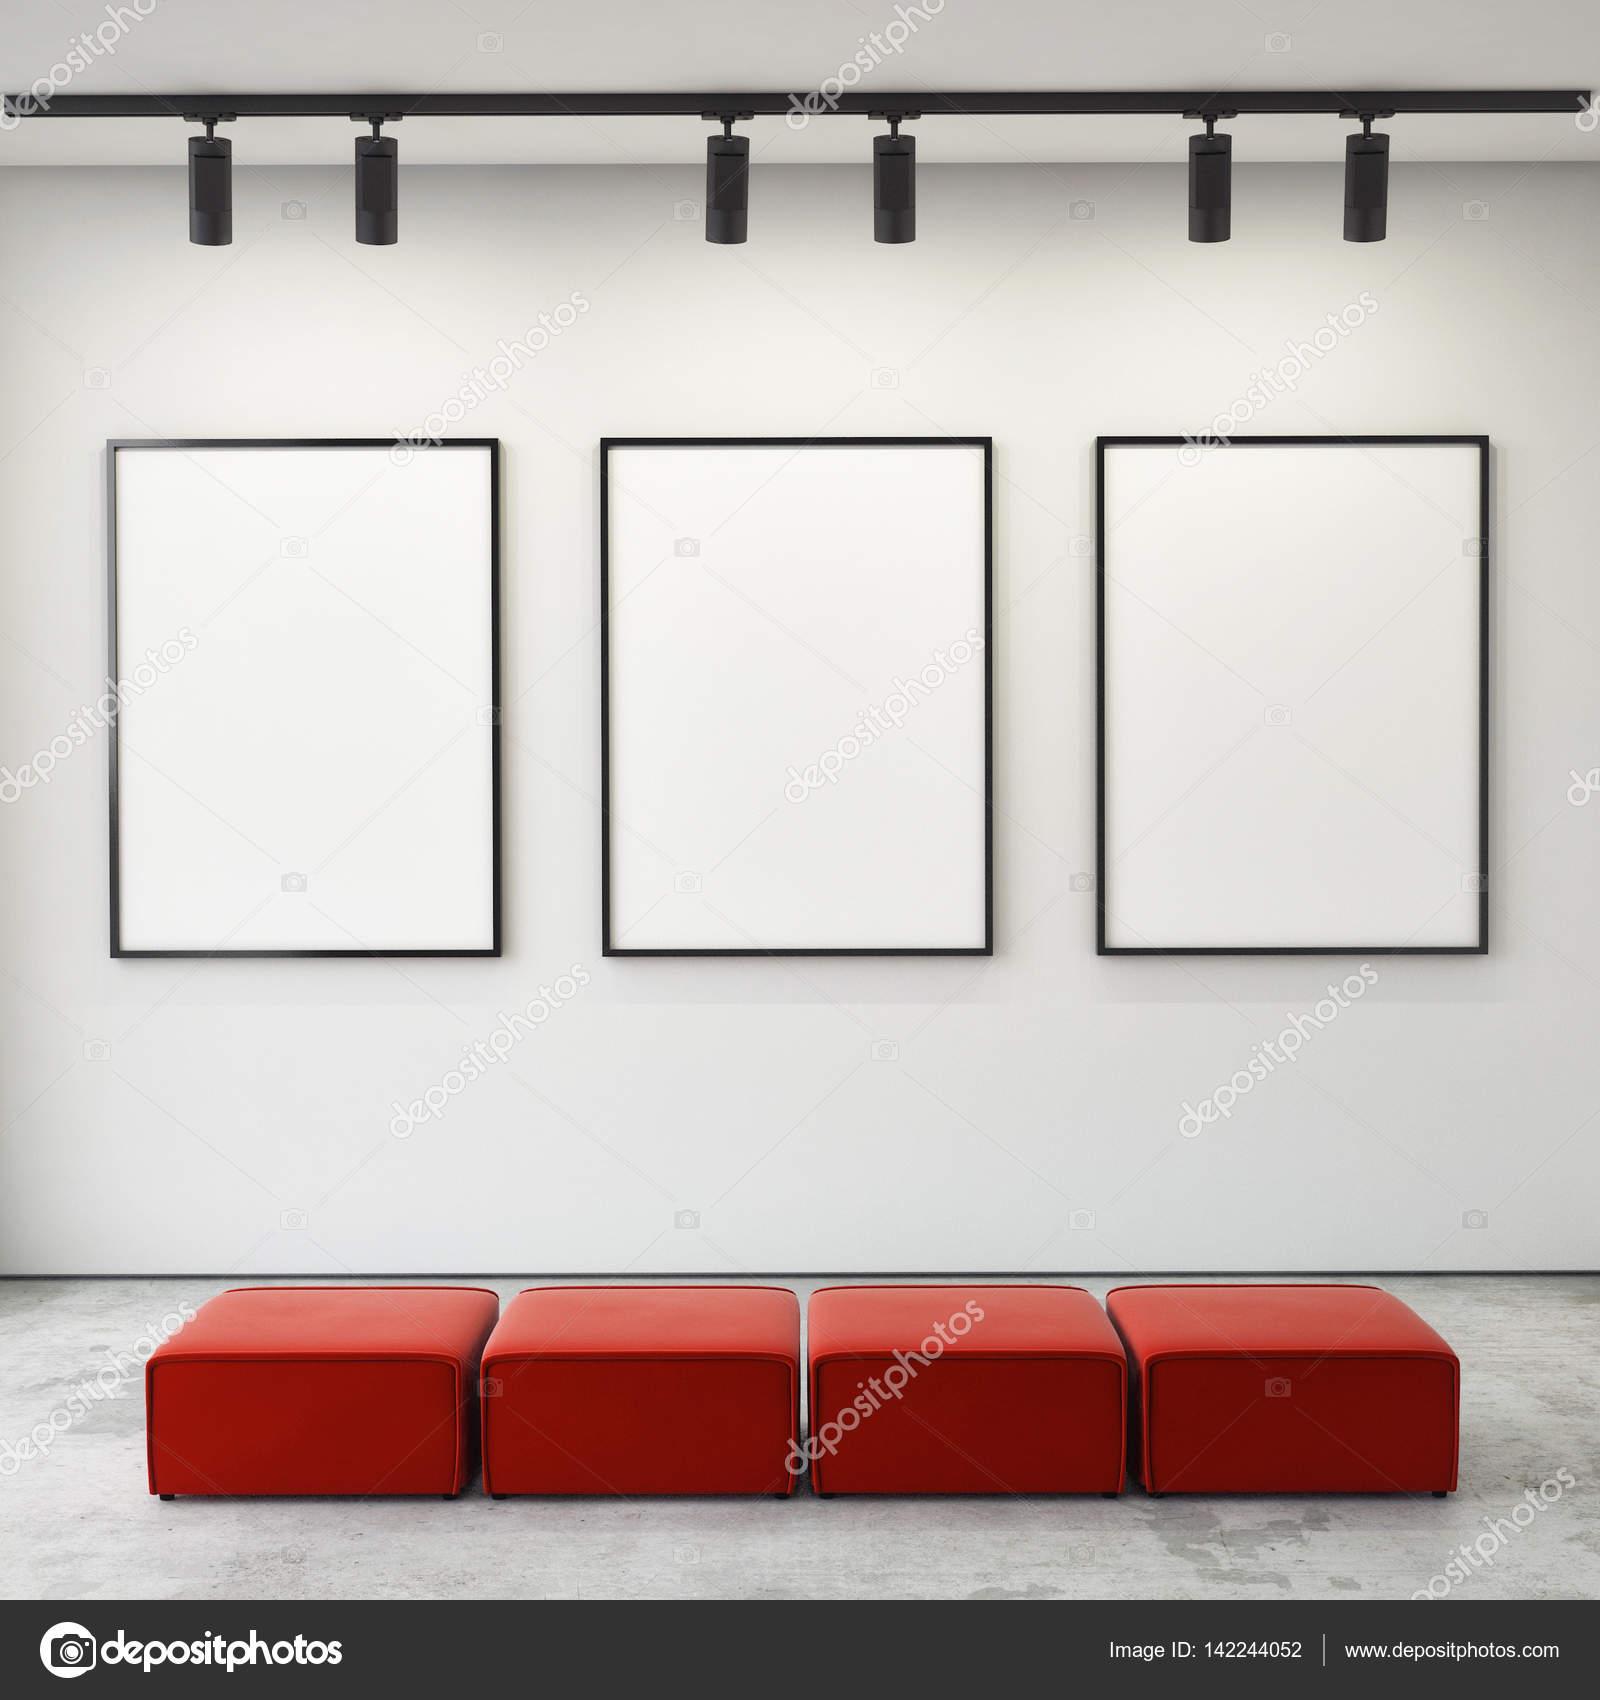 simulacros de marcos de carteles y de la lona en el fondo interior ...